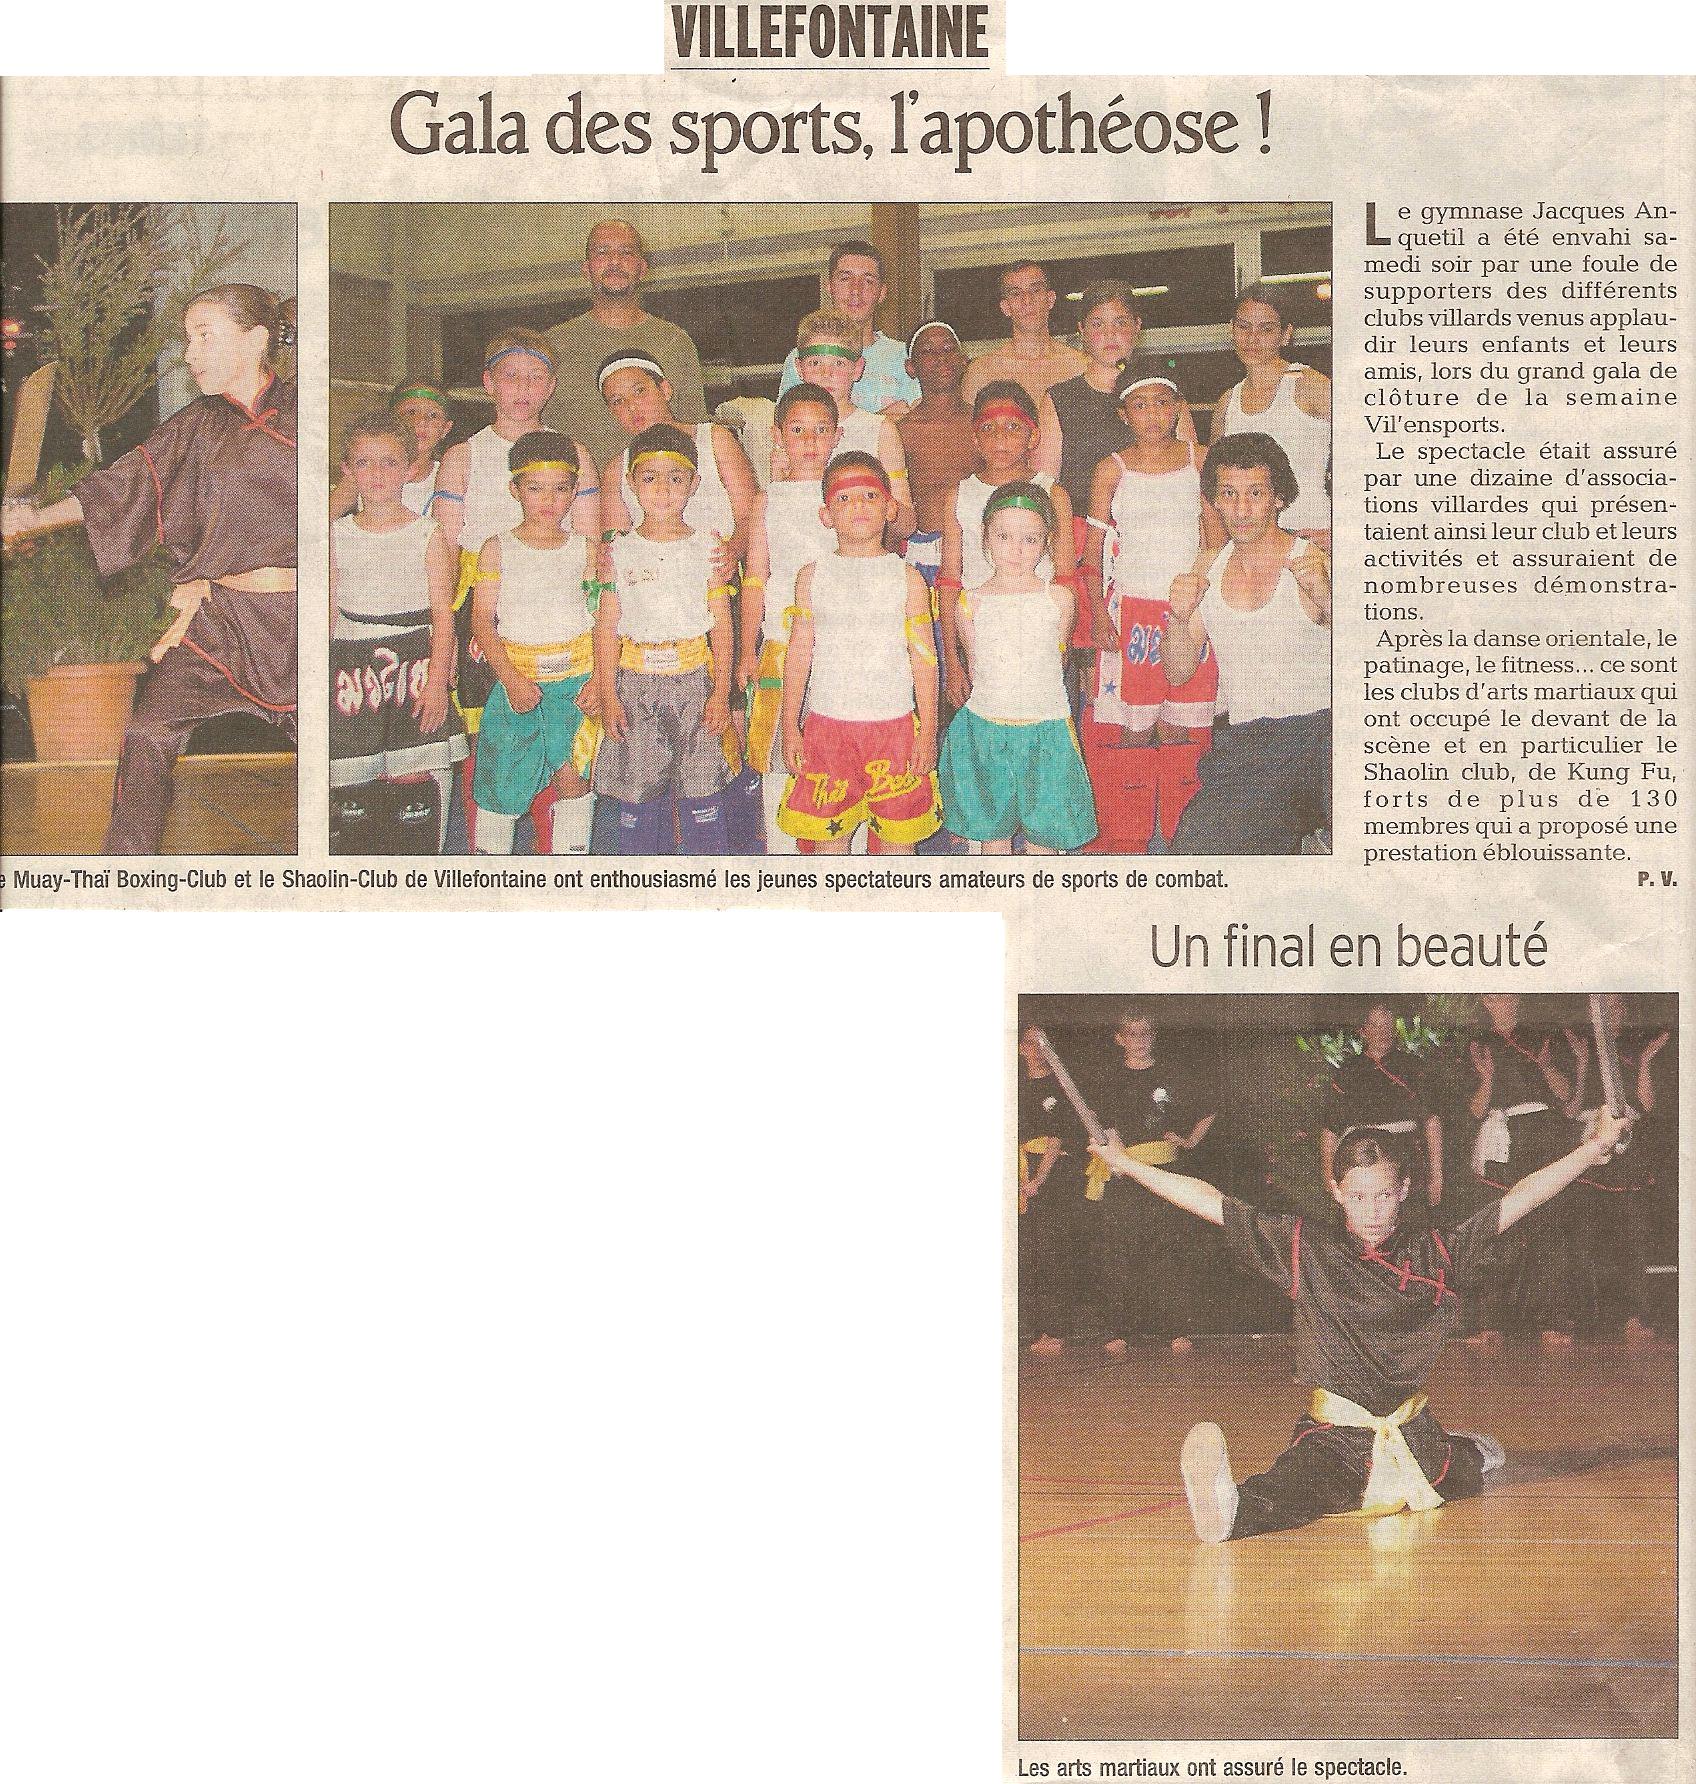 11.Gala des sports